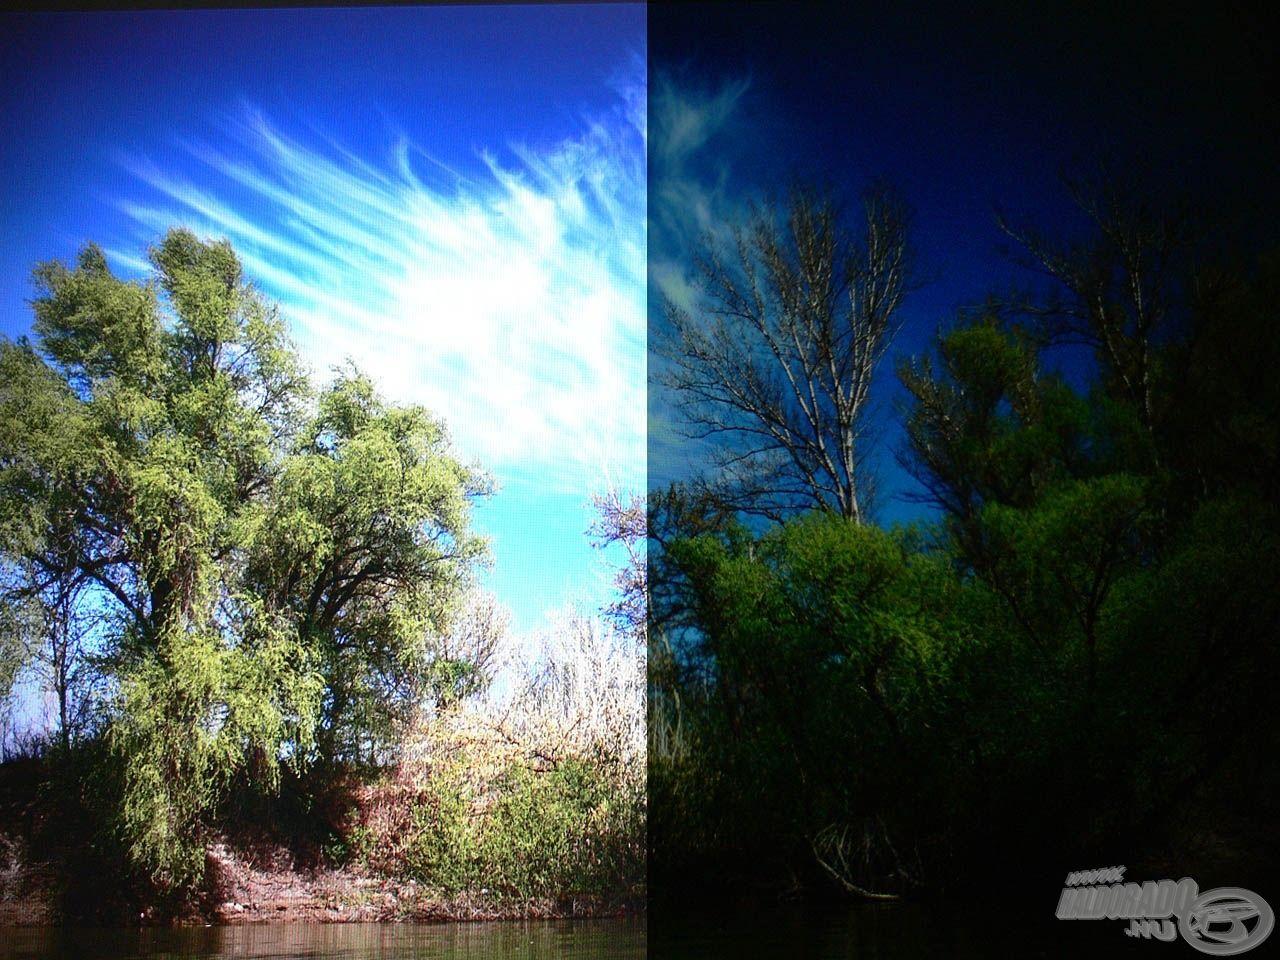 Az LCD kijelzőkön (legyen az tévé, monitor vagy telefon kijelzője) jól ellenőrizhető, hogy található-e a szemüvegen polarizációs réteg. A jobb oldalon a napszemüvegen keresztüli normál állású kép látható, míg a balon az anélküli kép (azonos paraméterek mellett elkészítve a képet)